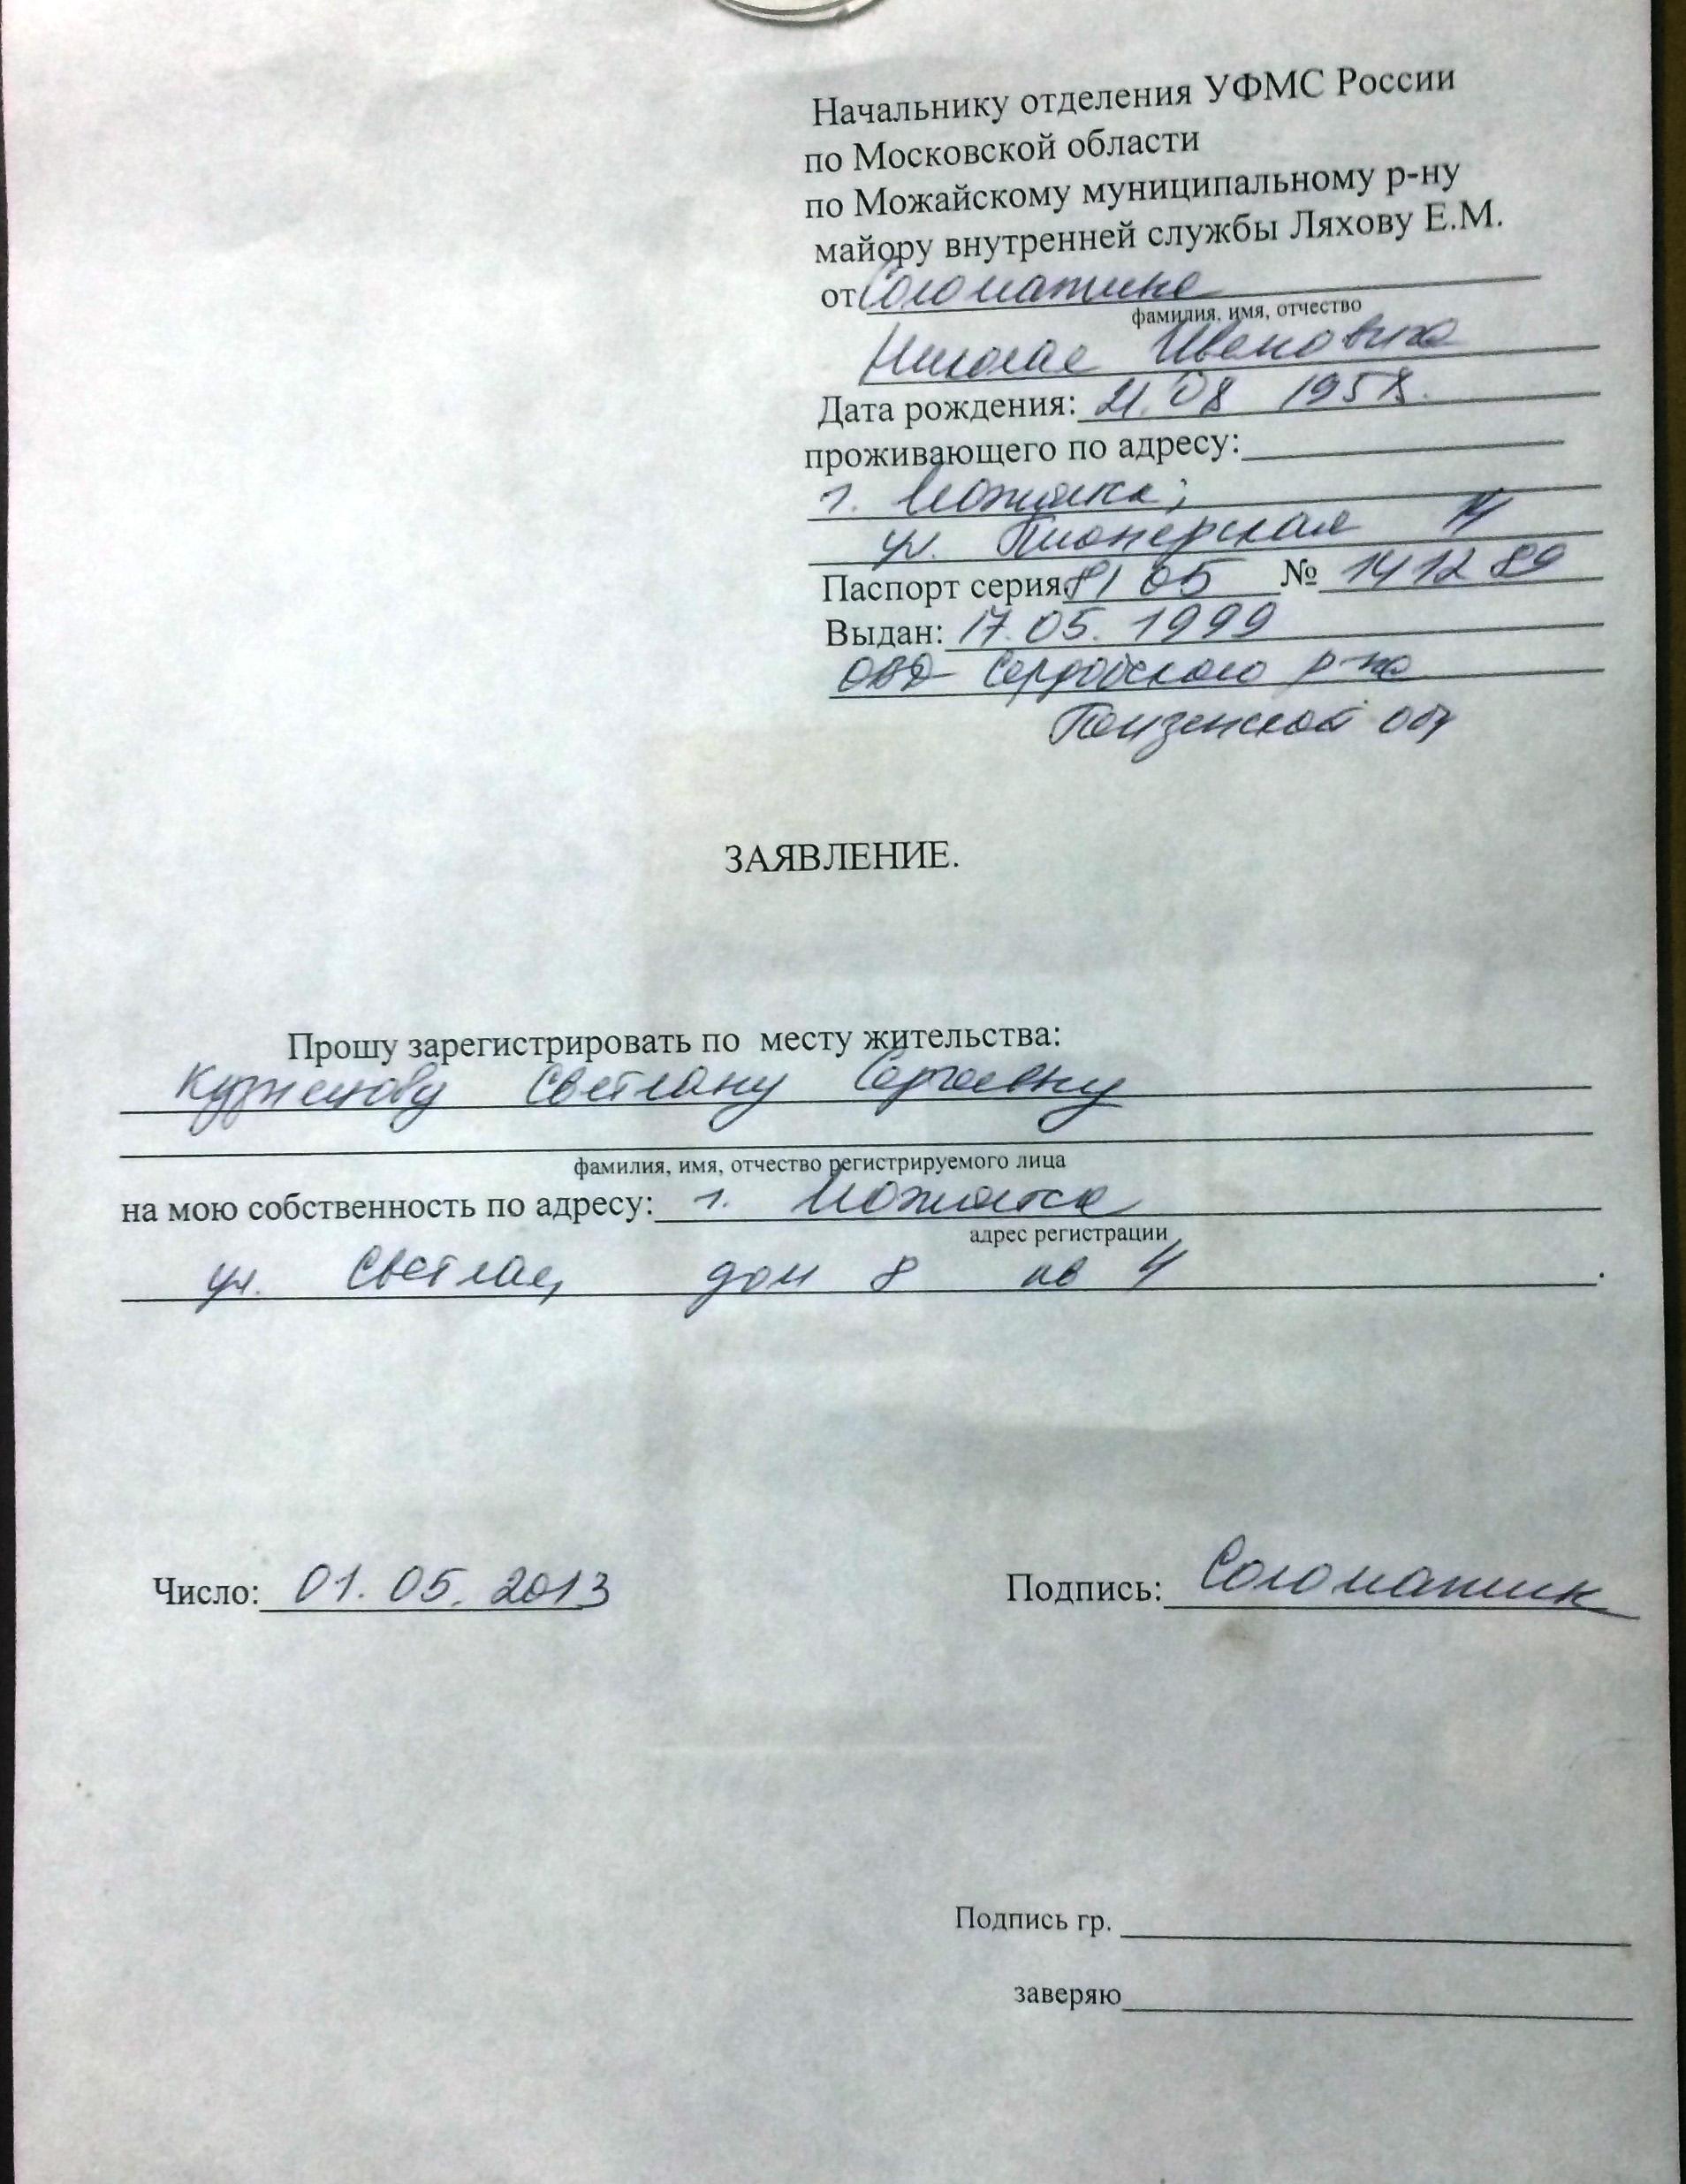 бланк временного водительского удостоверения